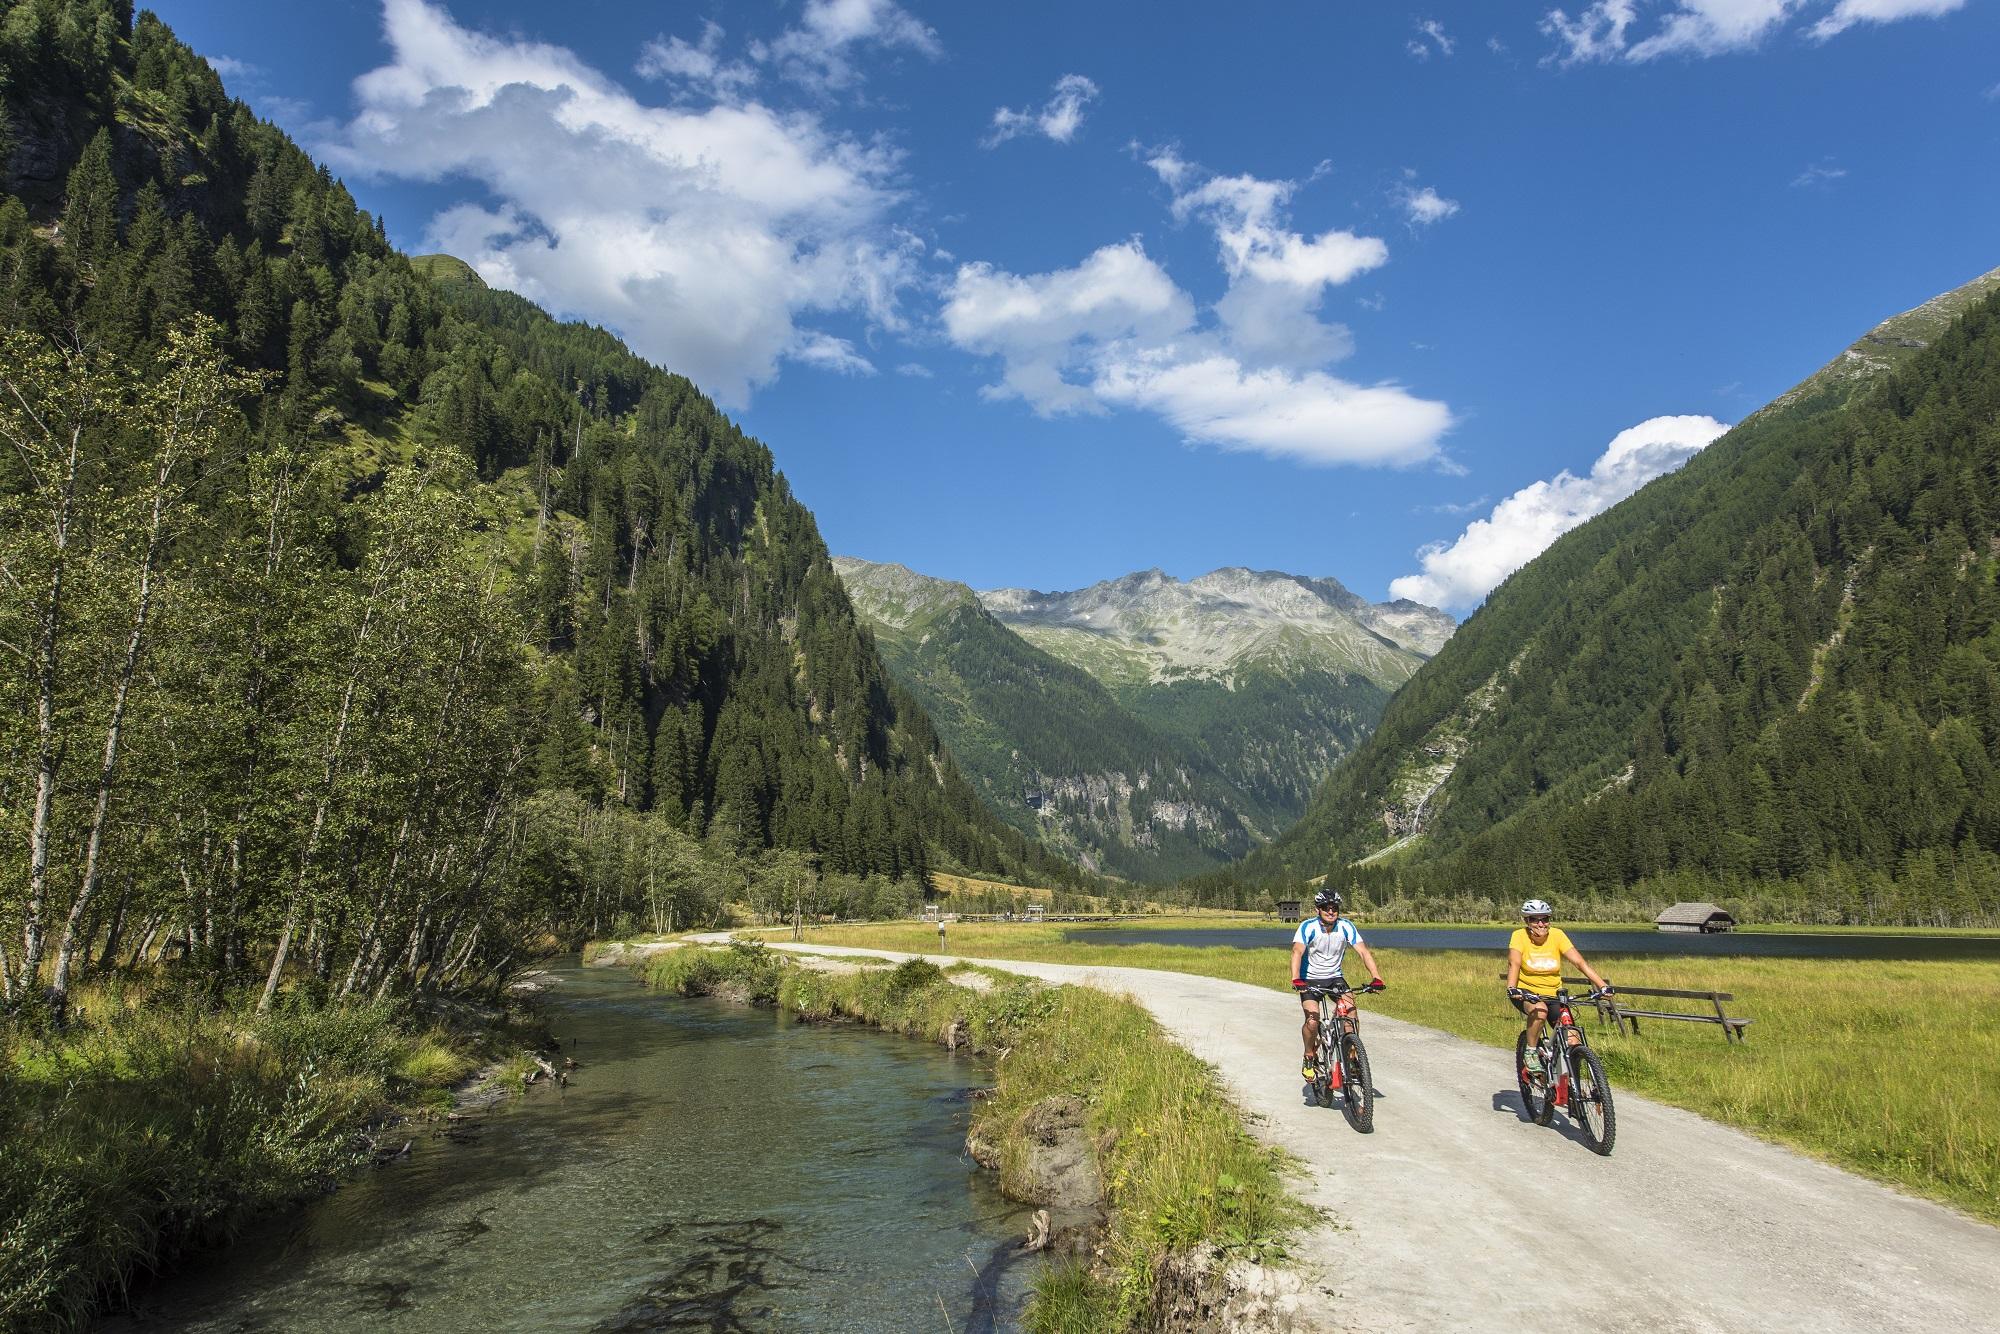 s kolesom raziščite kolesarsko pot Alpe-Adria v Mallnitzu